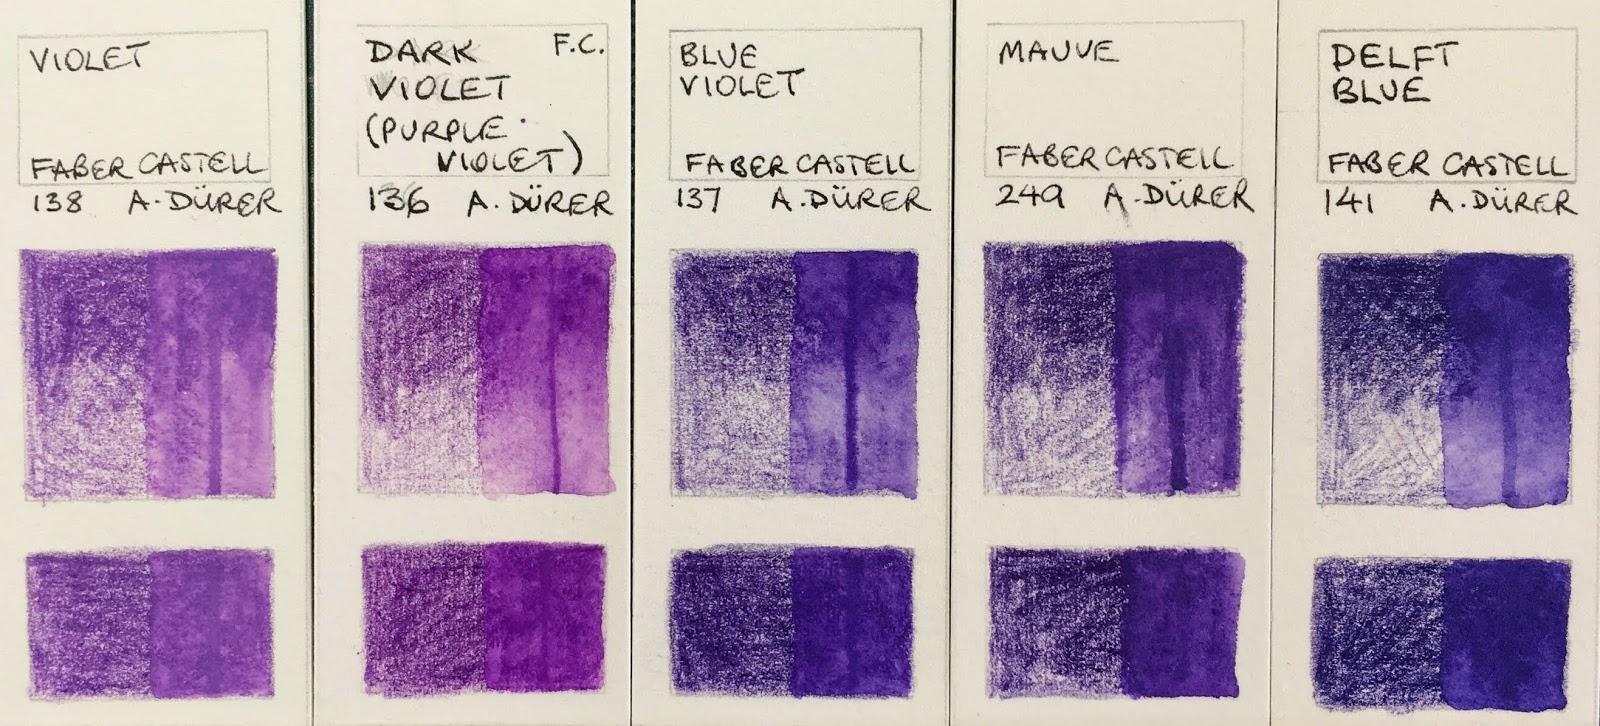 Faber Castell Albrecht Durer Watercolour Pencil Prussian Blue